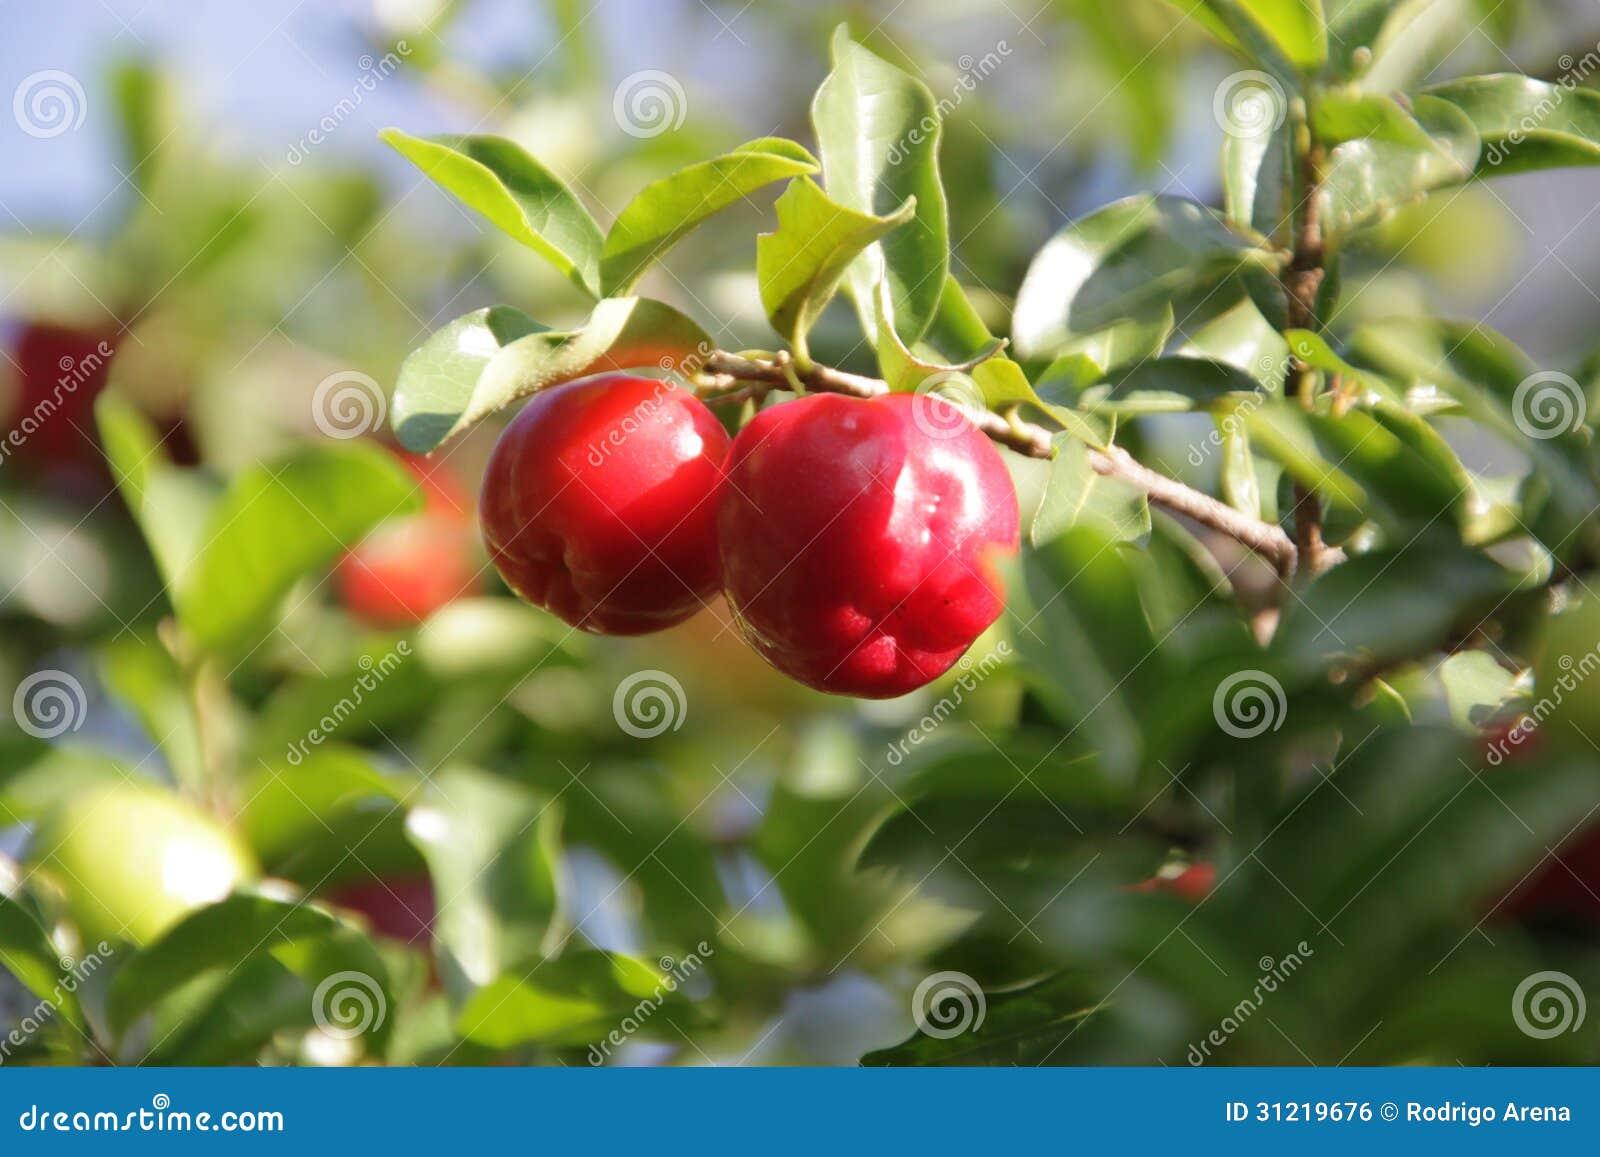 Guaraná Fruit